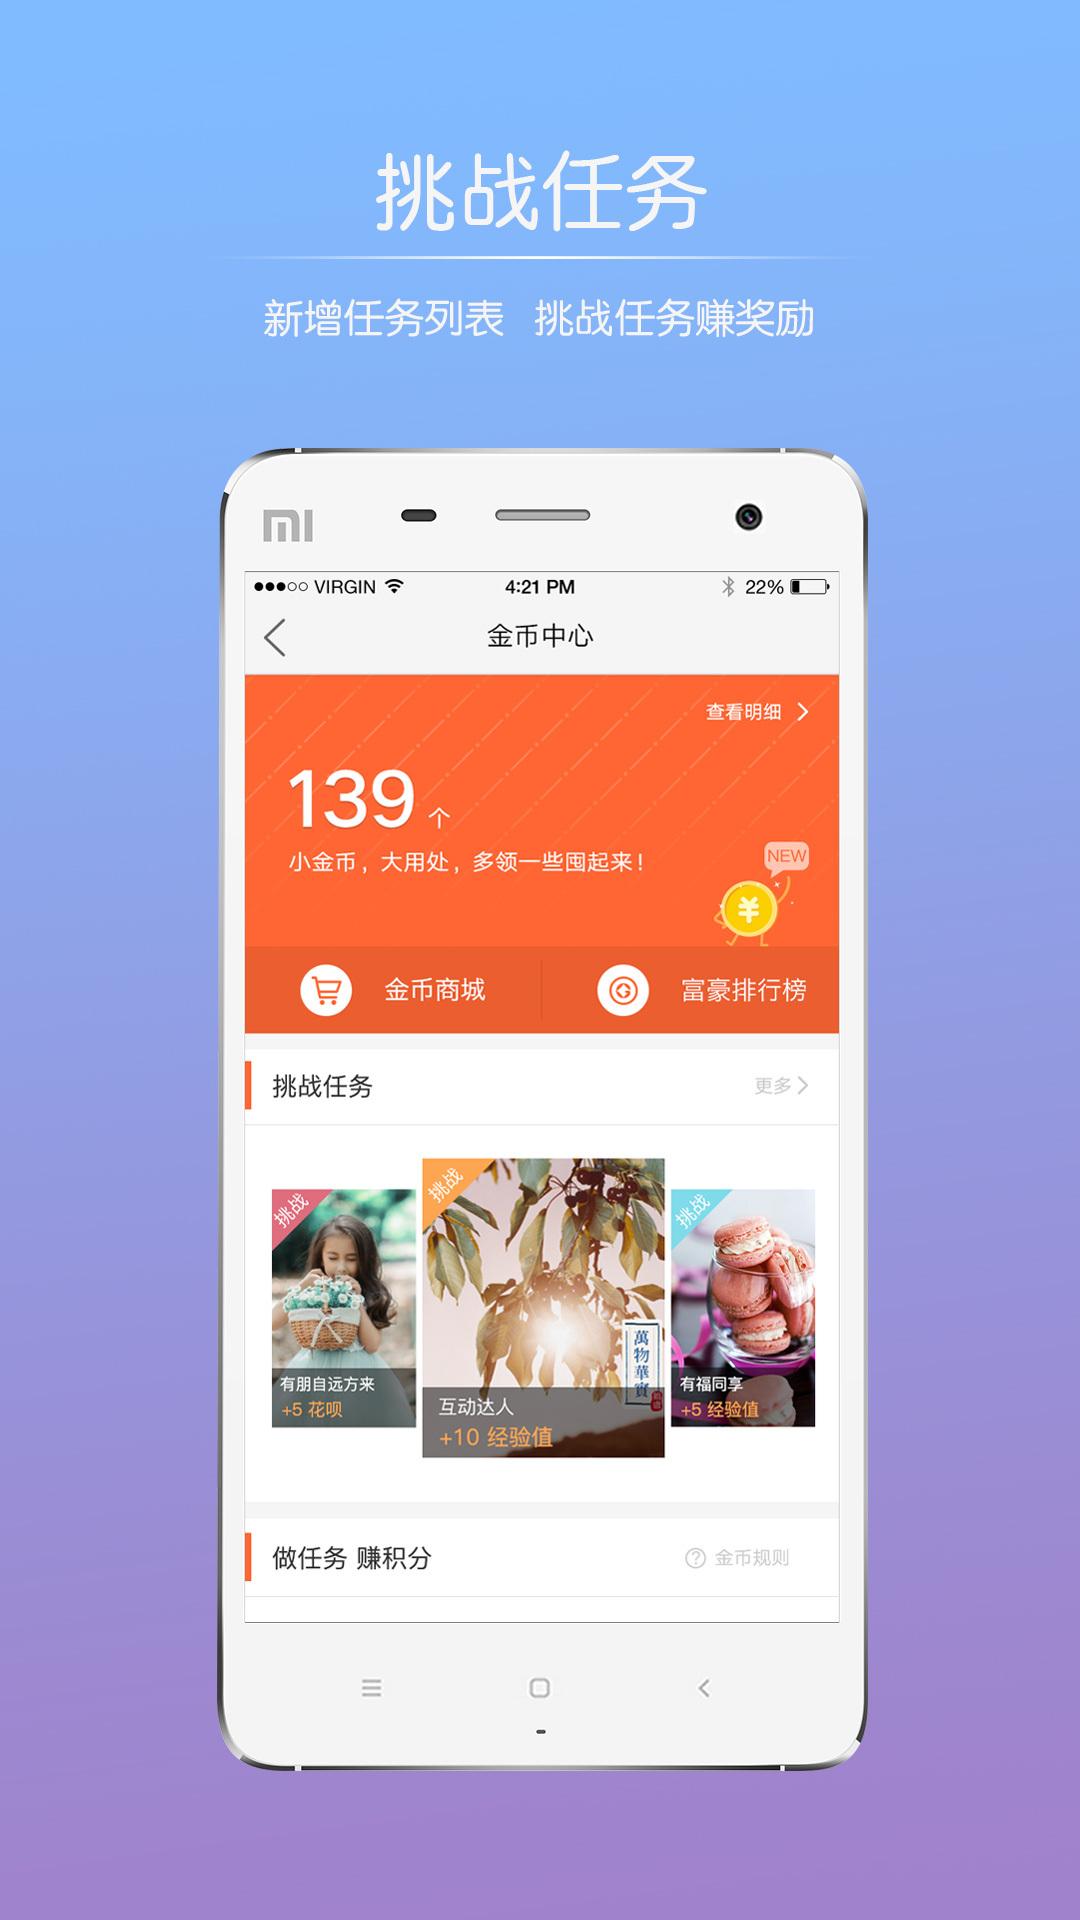 爱泗洪app官方网站下载图5: